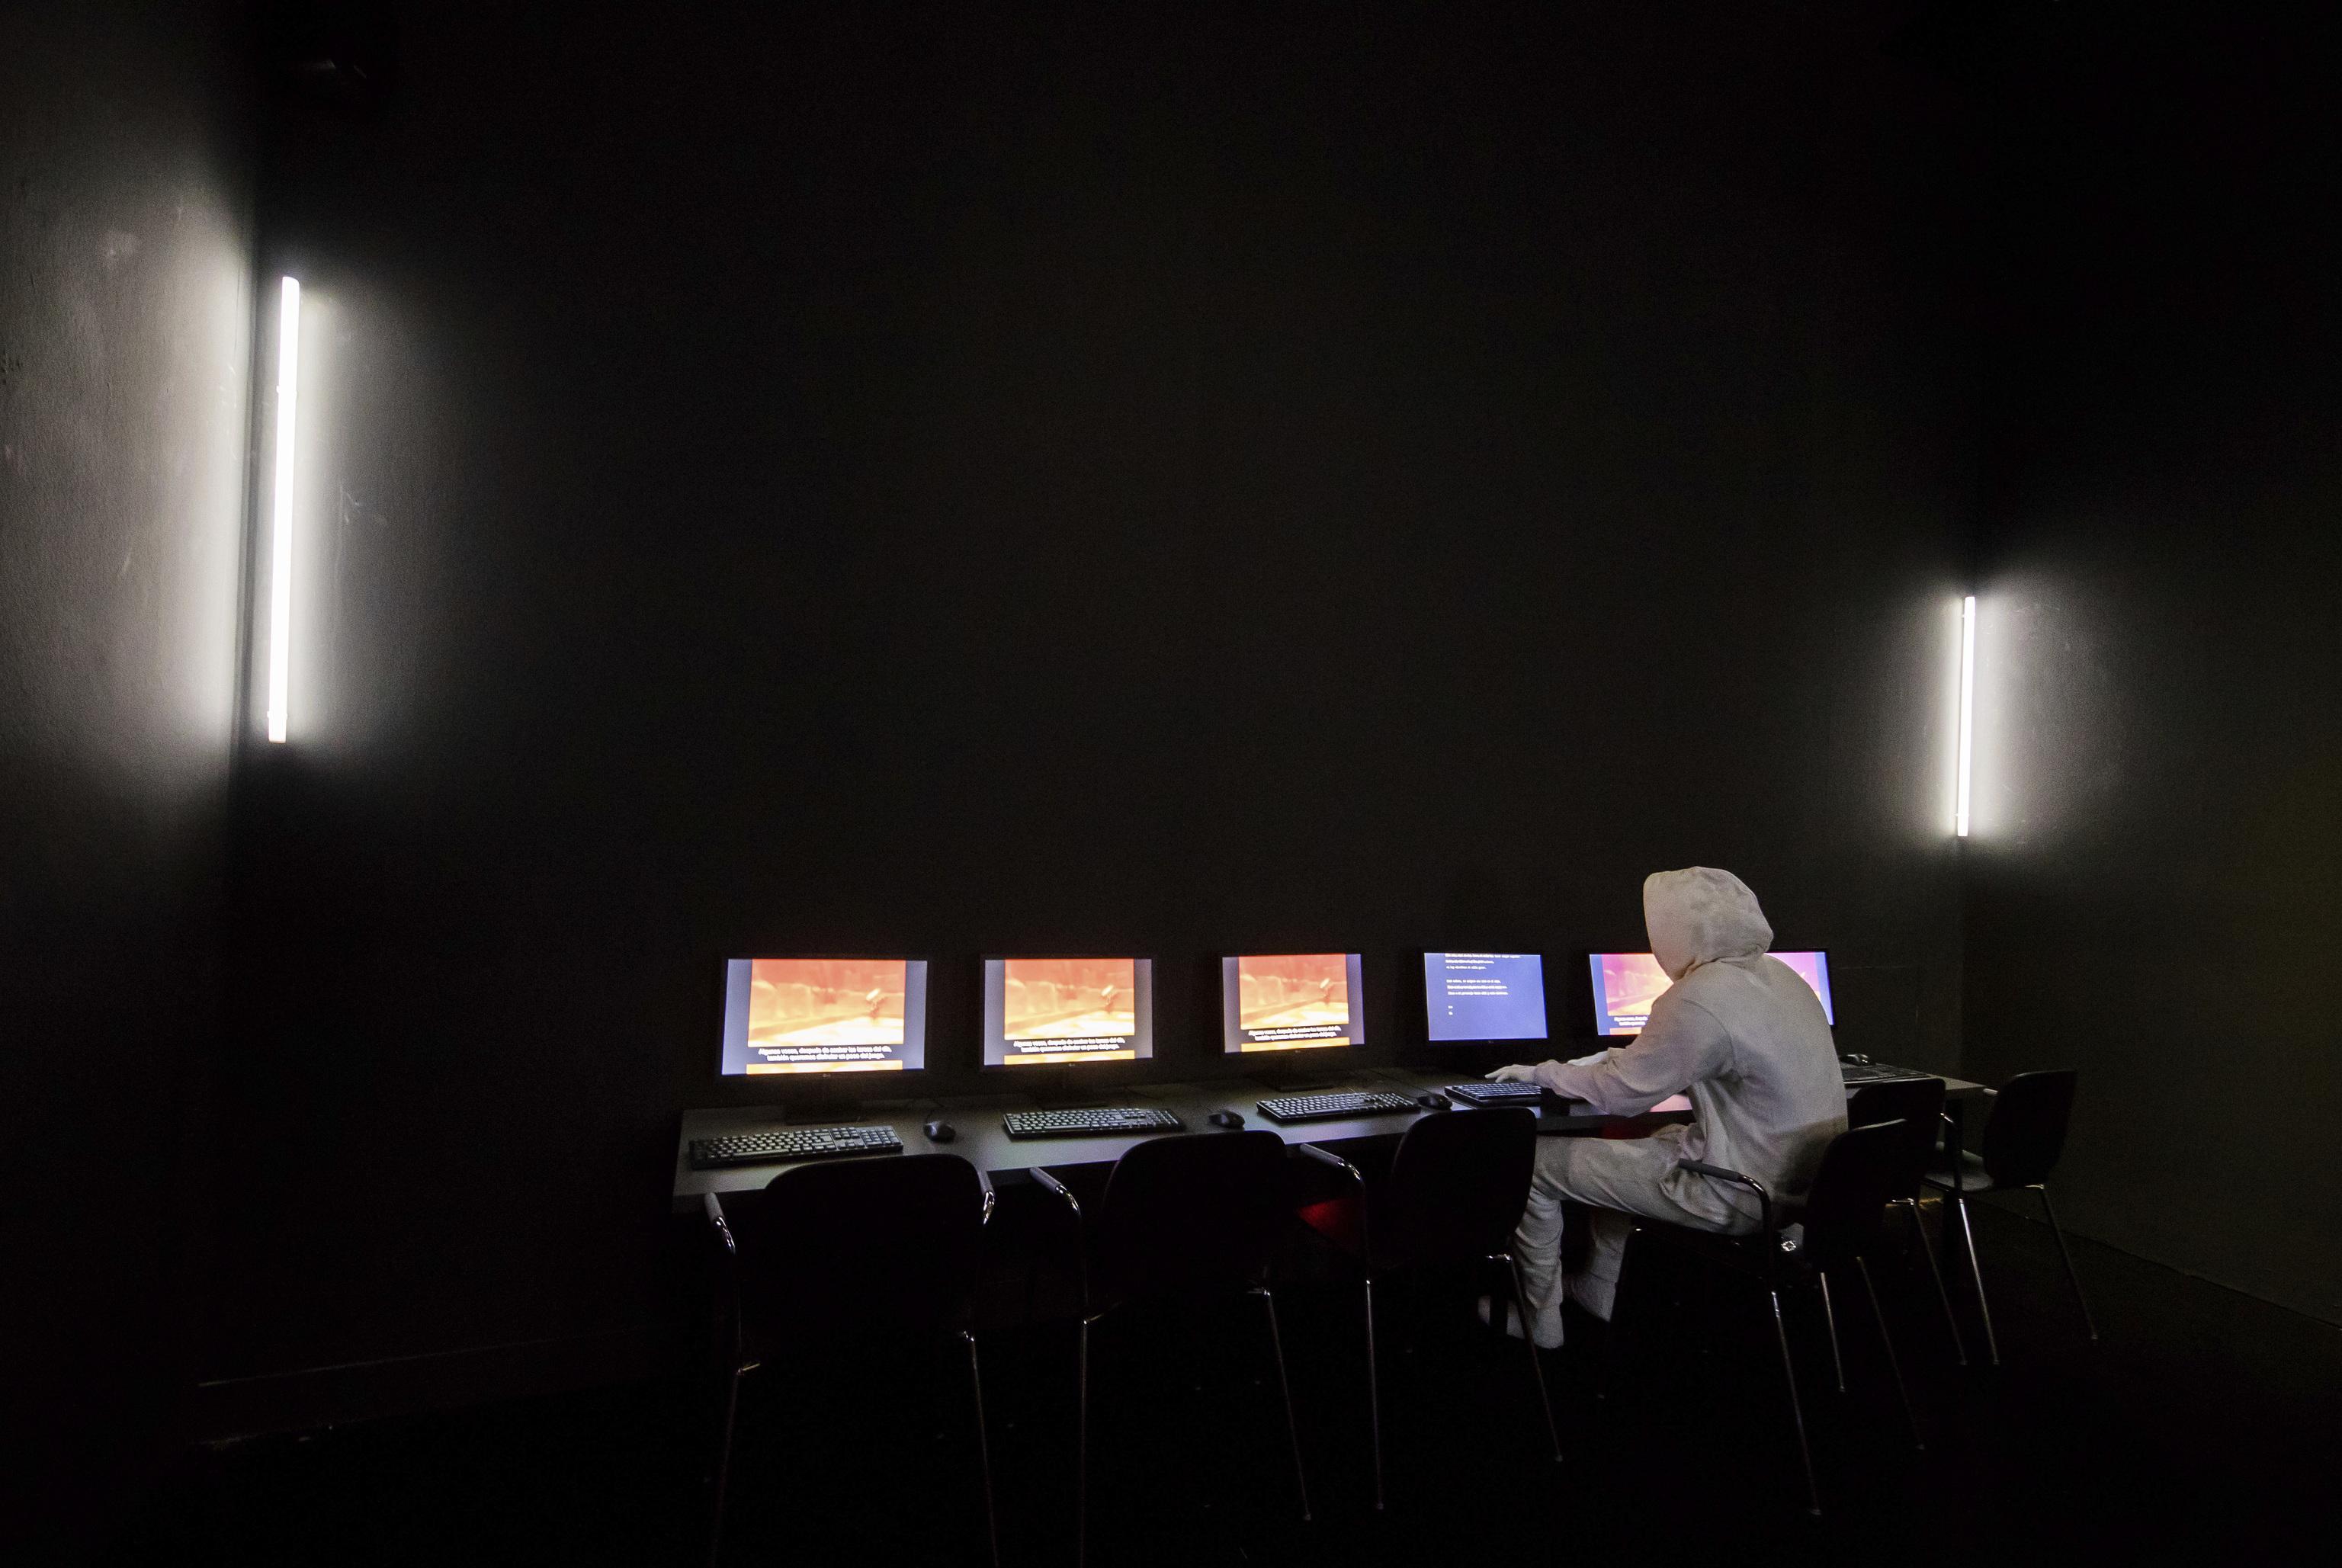 La exposición 'Homo Ludens' se estrena en el CaixaForum de Madrid